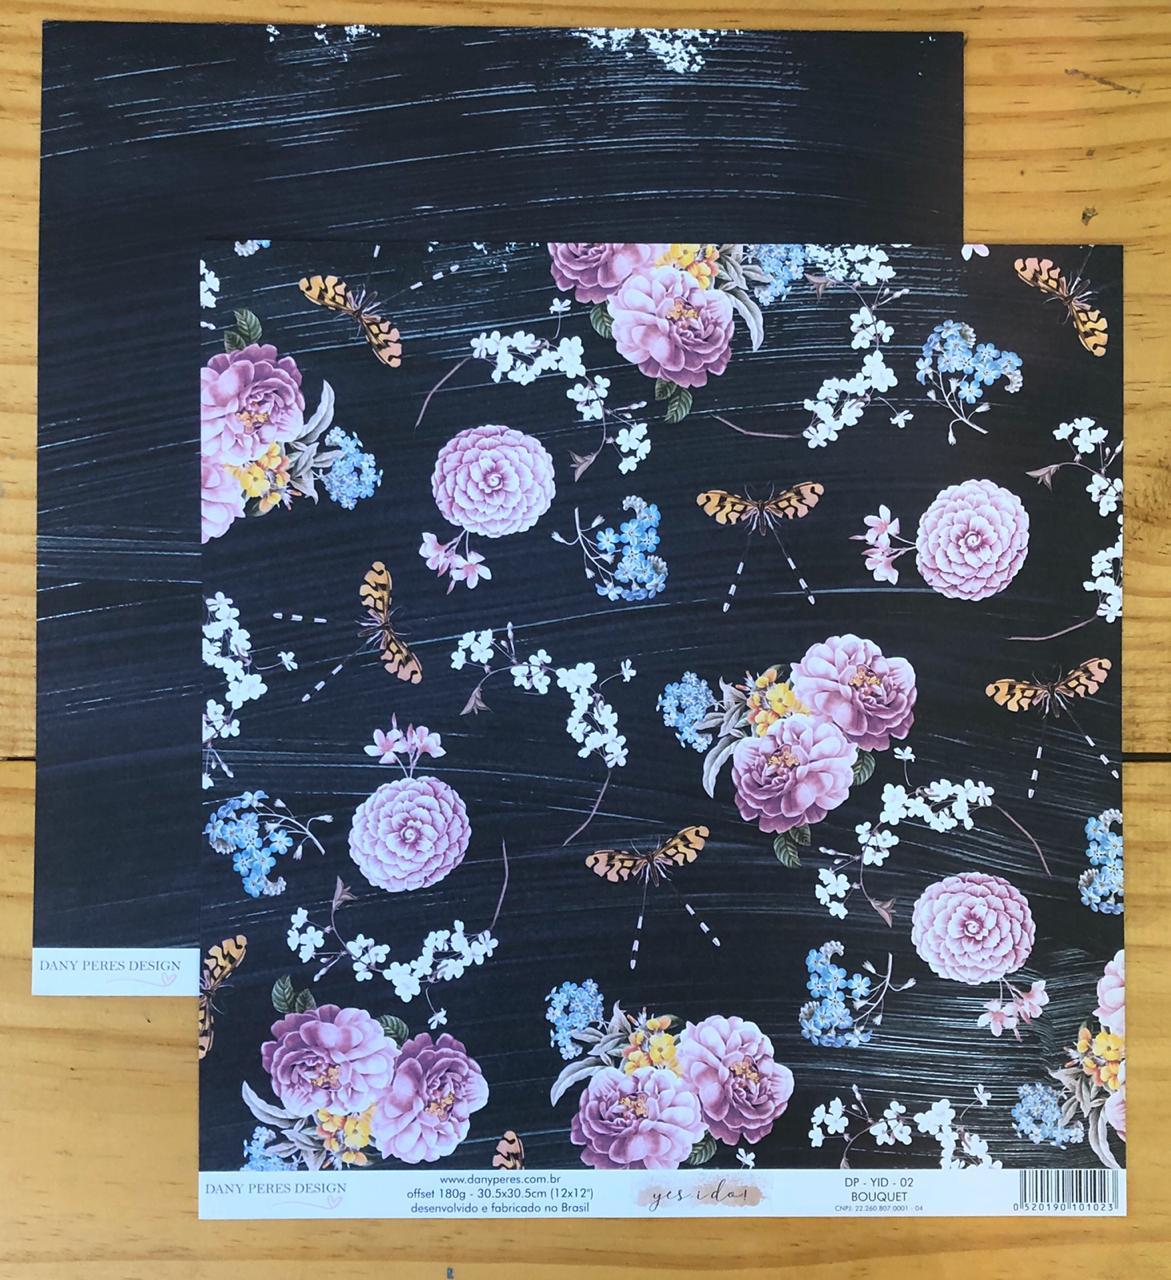 DP-YID-02 - Papel Scrap - Bouquet - Coleção Yes I Do - Dany Peres